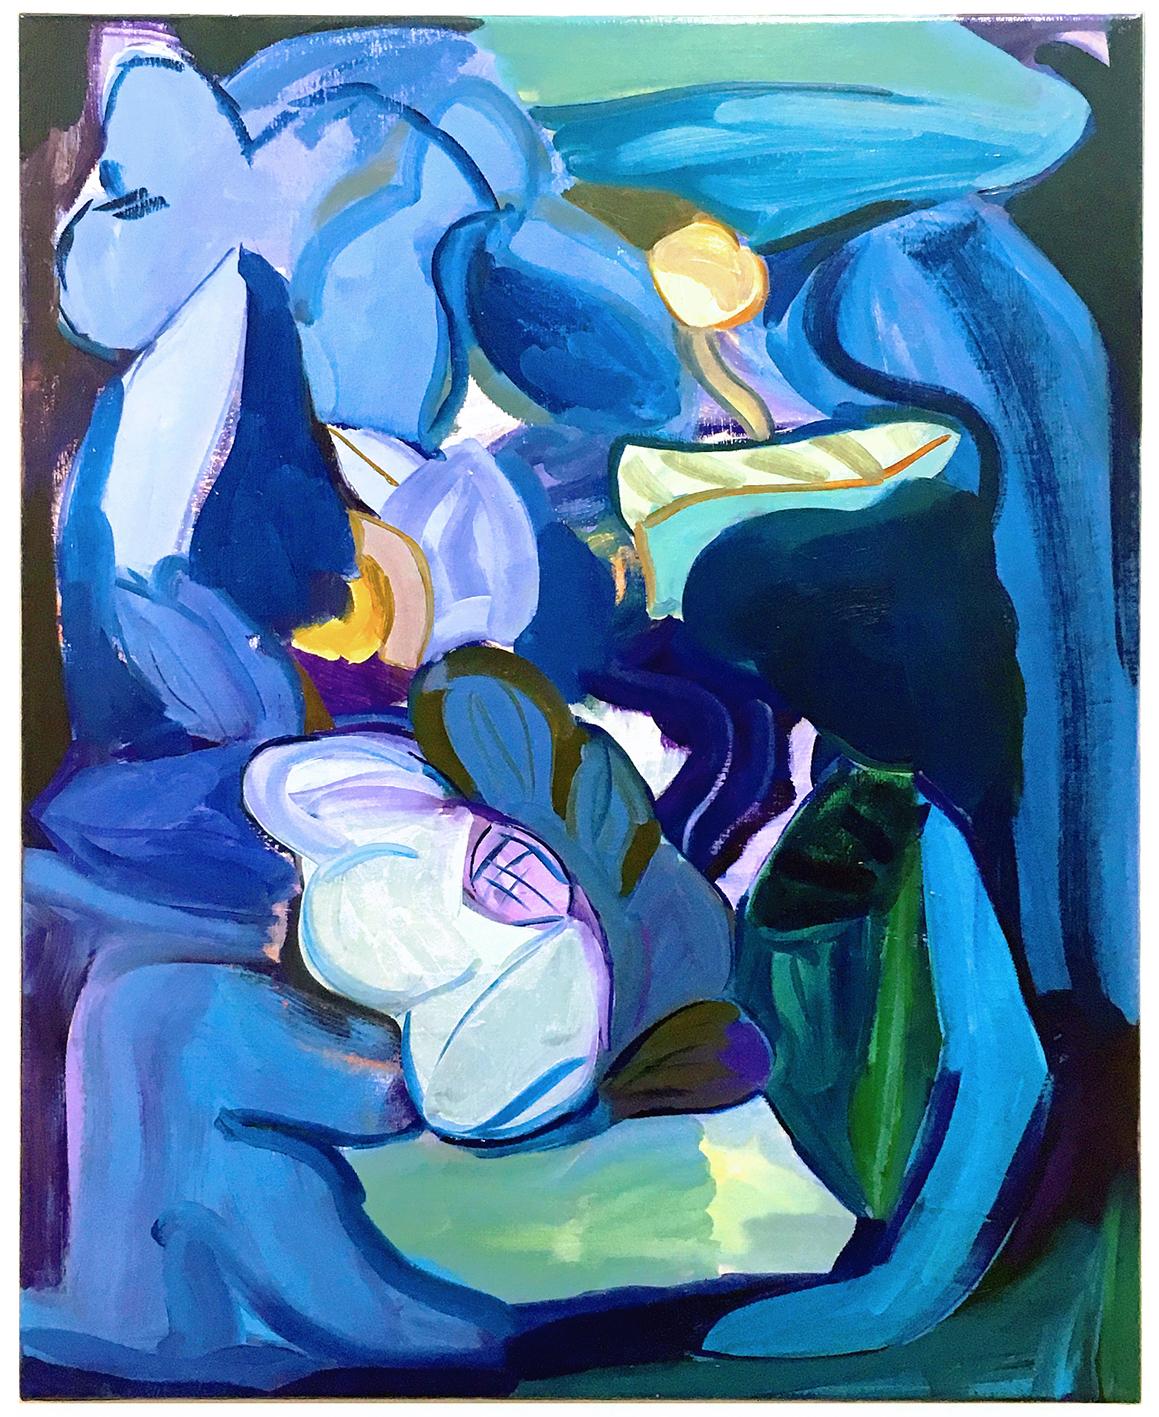 'Dumbo Garland (blue)', 2016